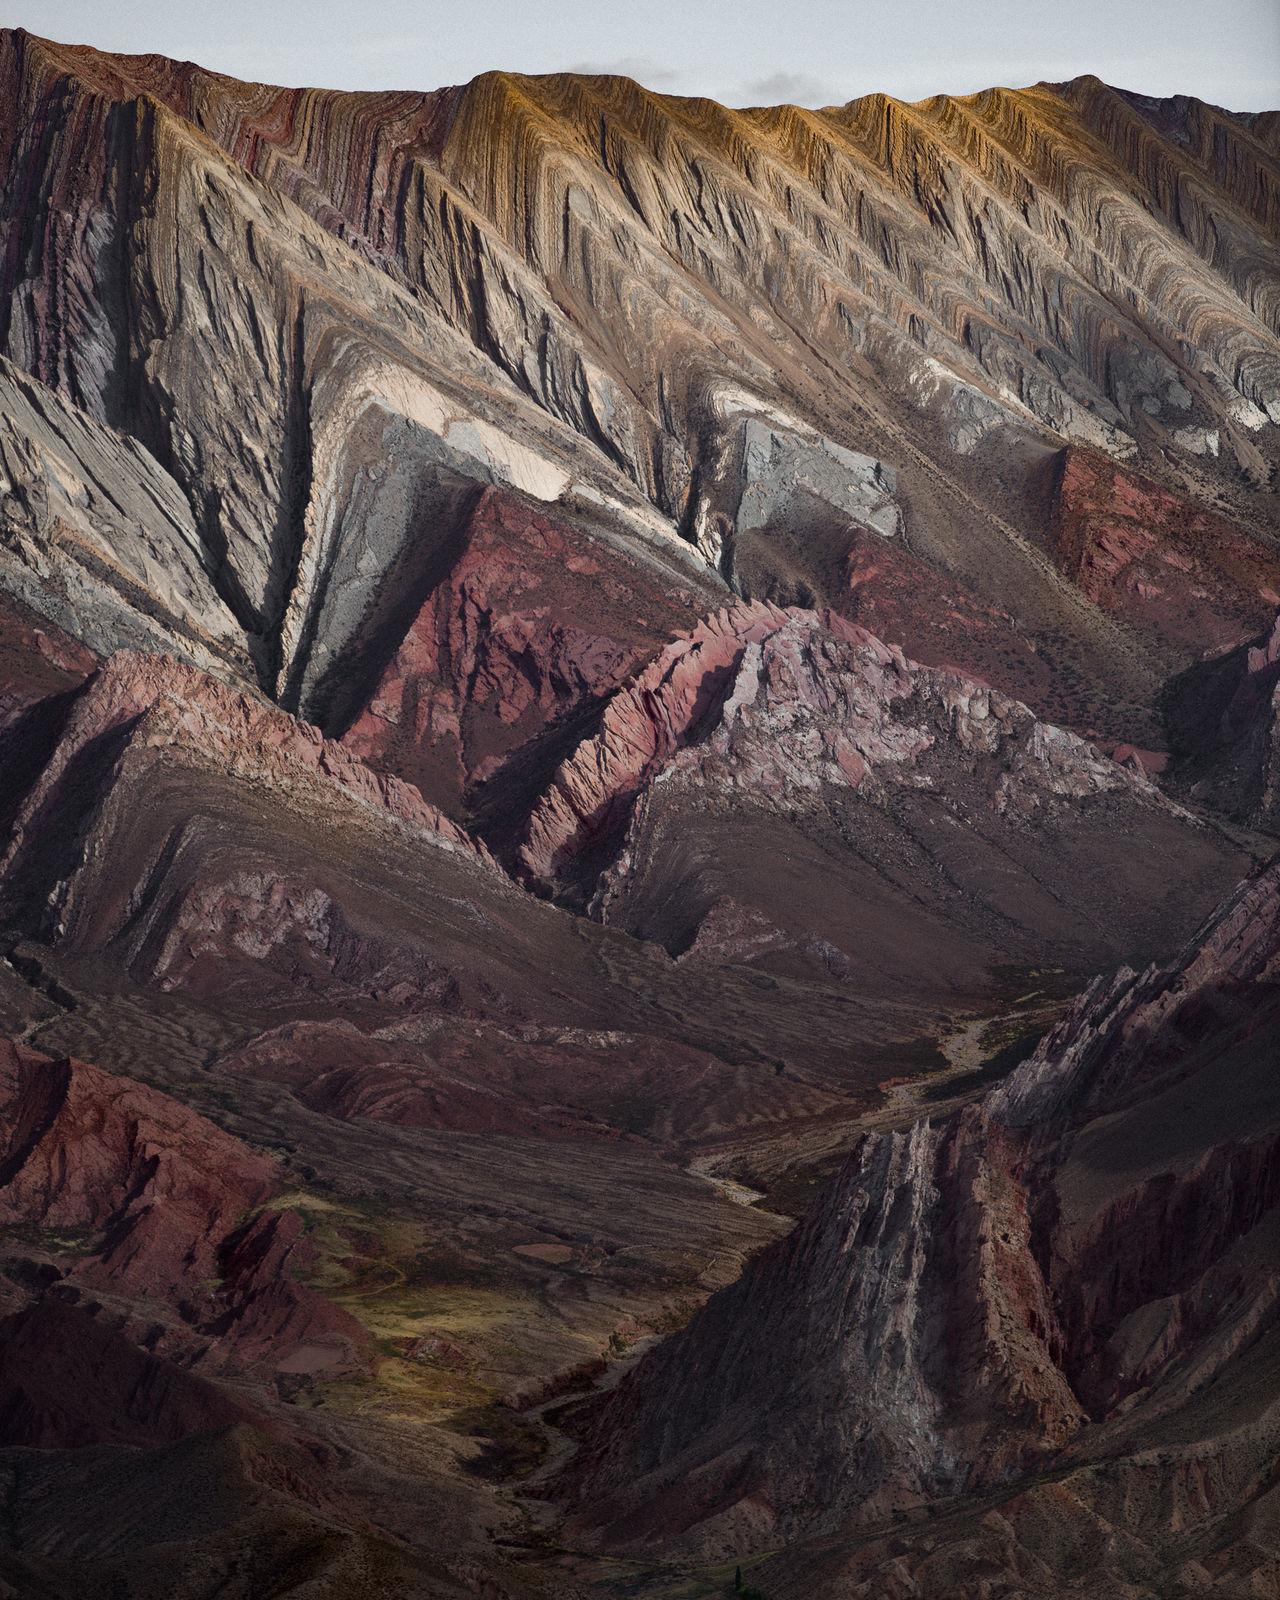 mountain, landscape, scenics - nature, non-urban scene, rock